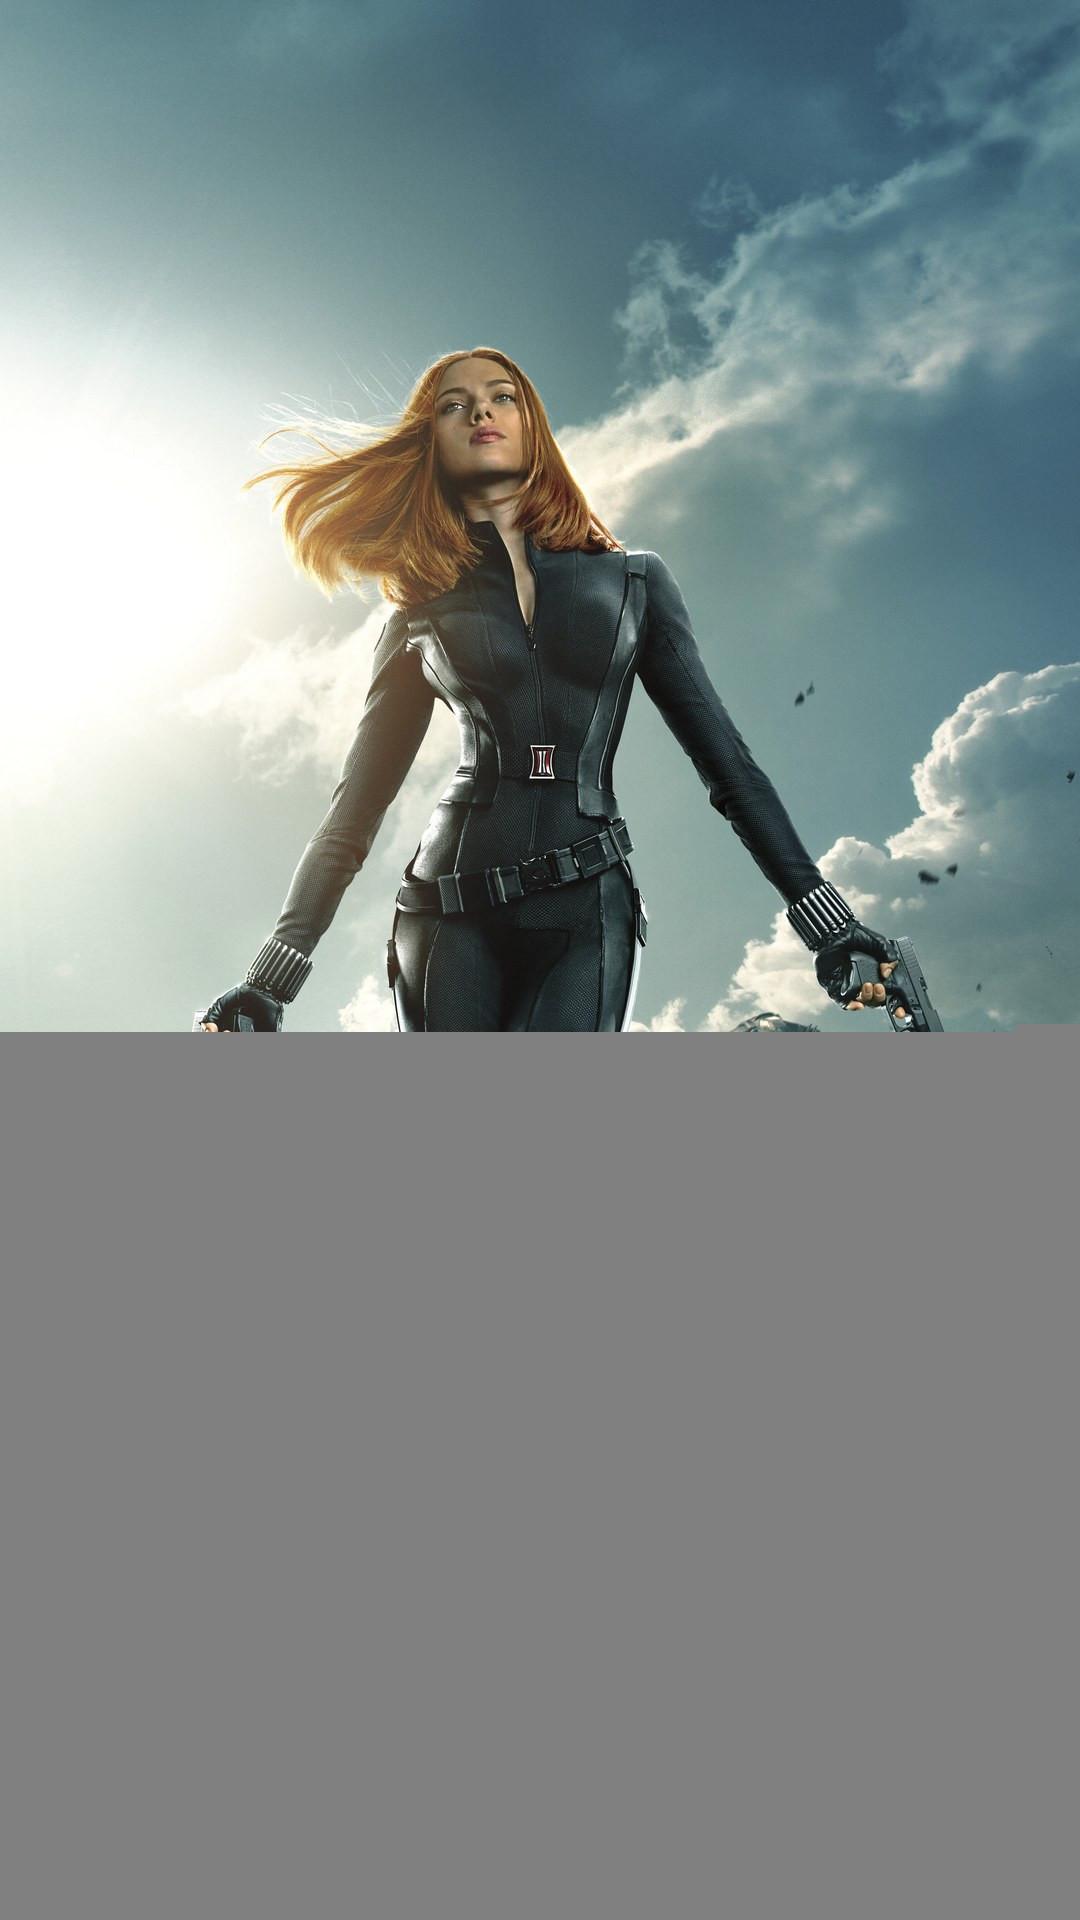 … captain america 2 y solr iphone 8 wallpaper download …